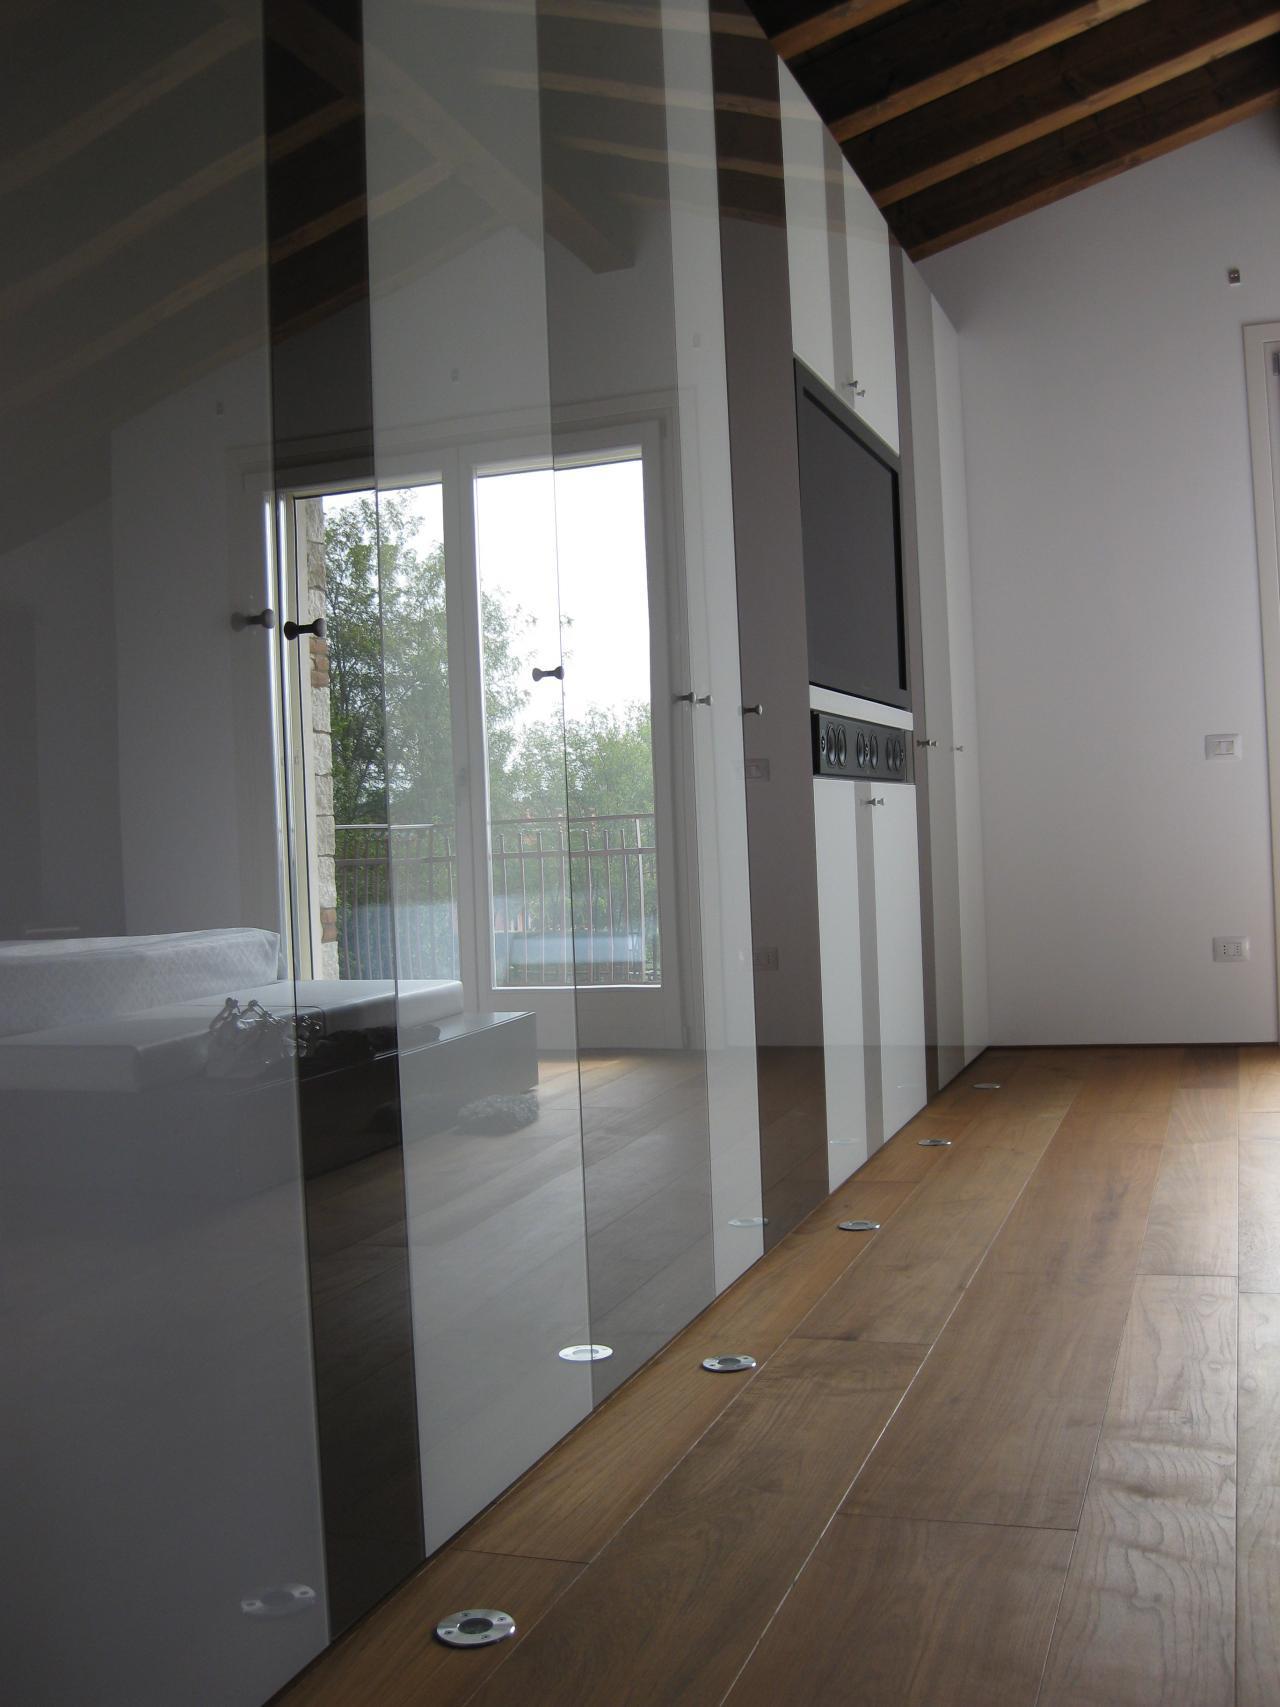 Immagini pavimenti fabulous pulire lavare e sgrassare i pavimenti with immagini pavimenti free - Pavimenti in cemento per interni pro e contro ...